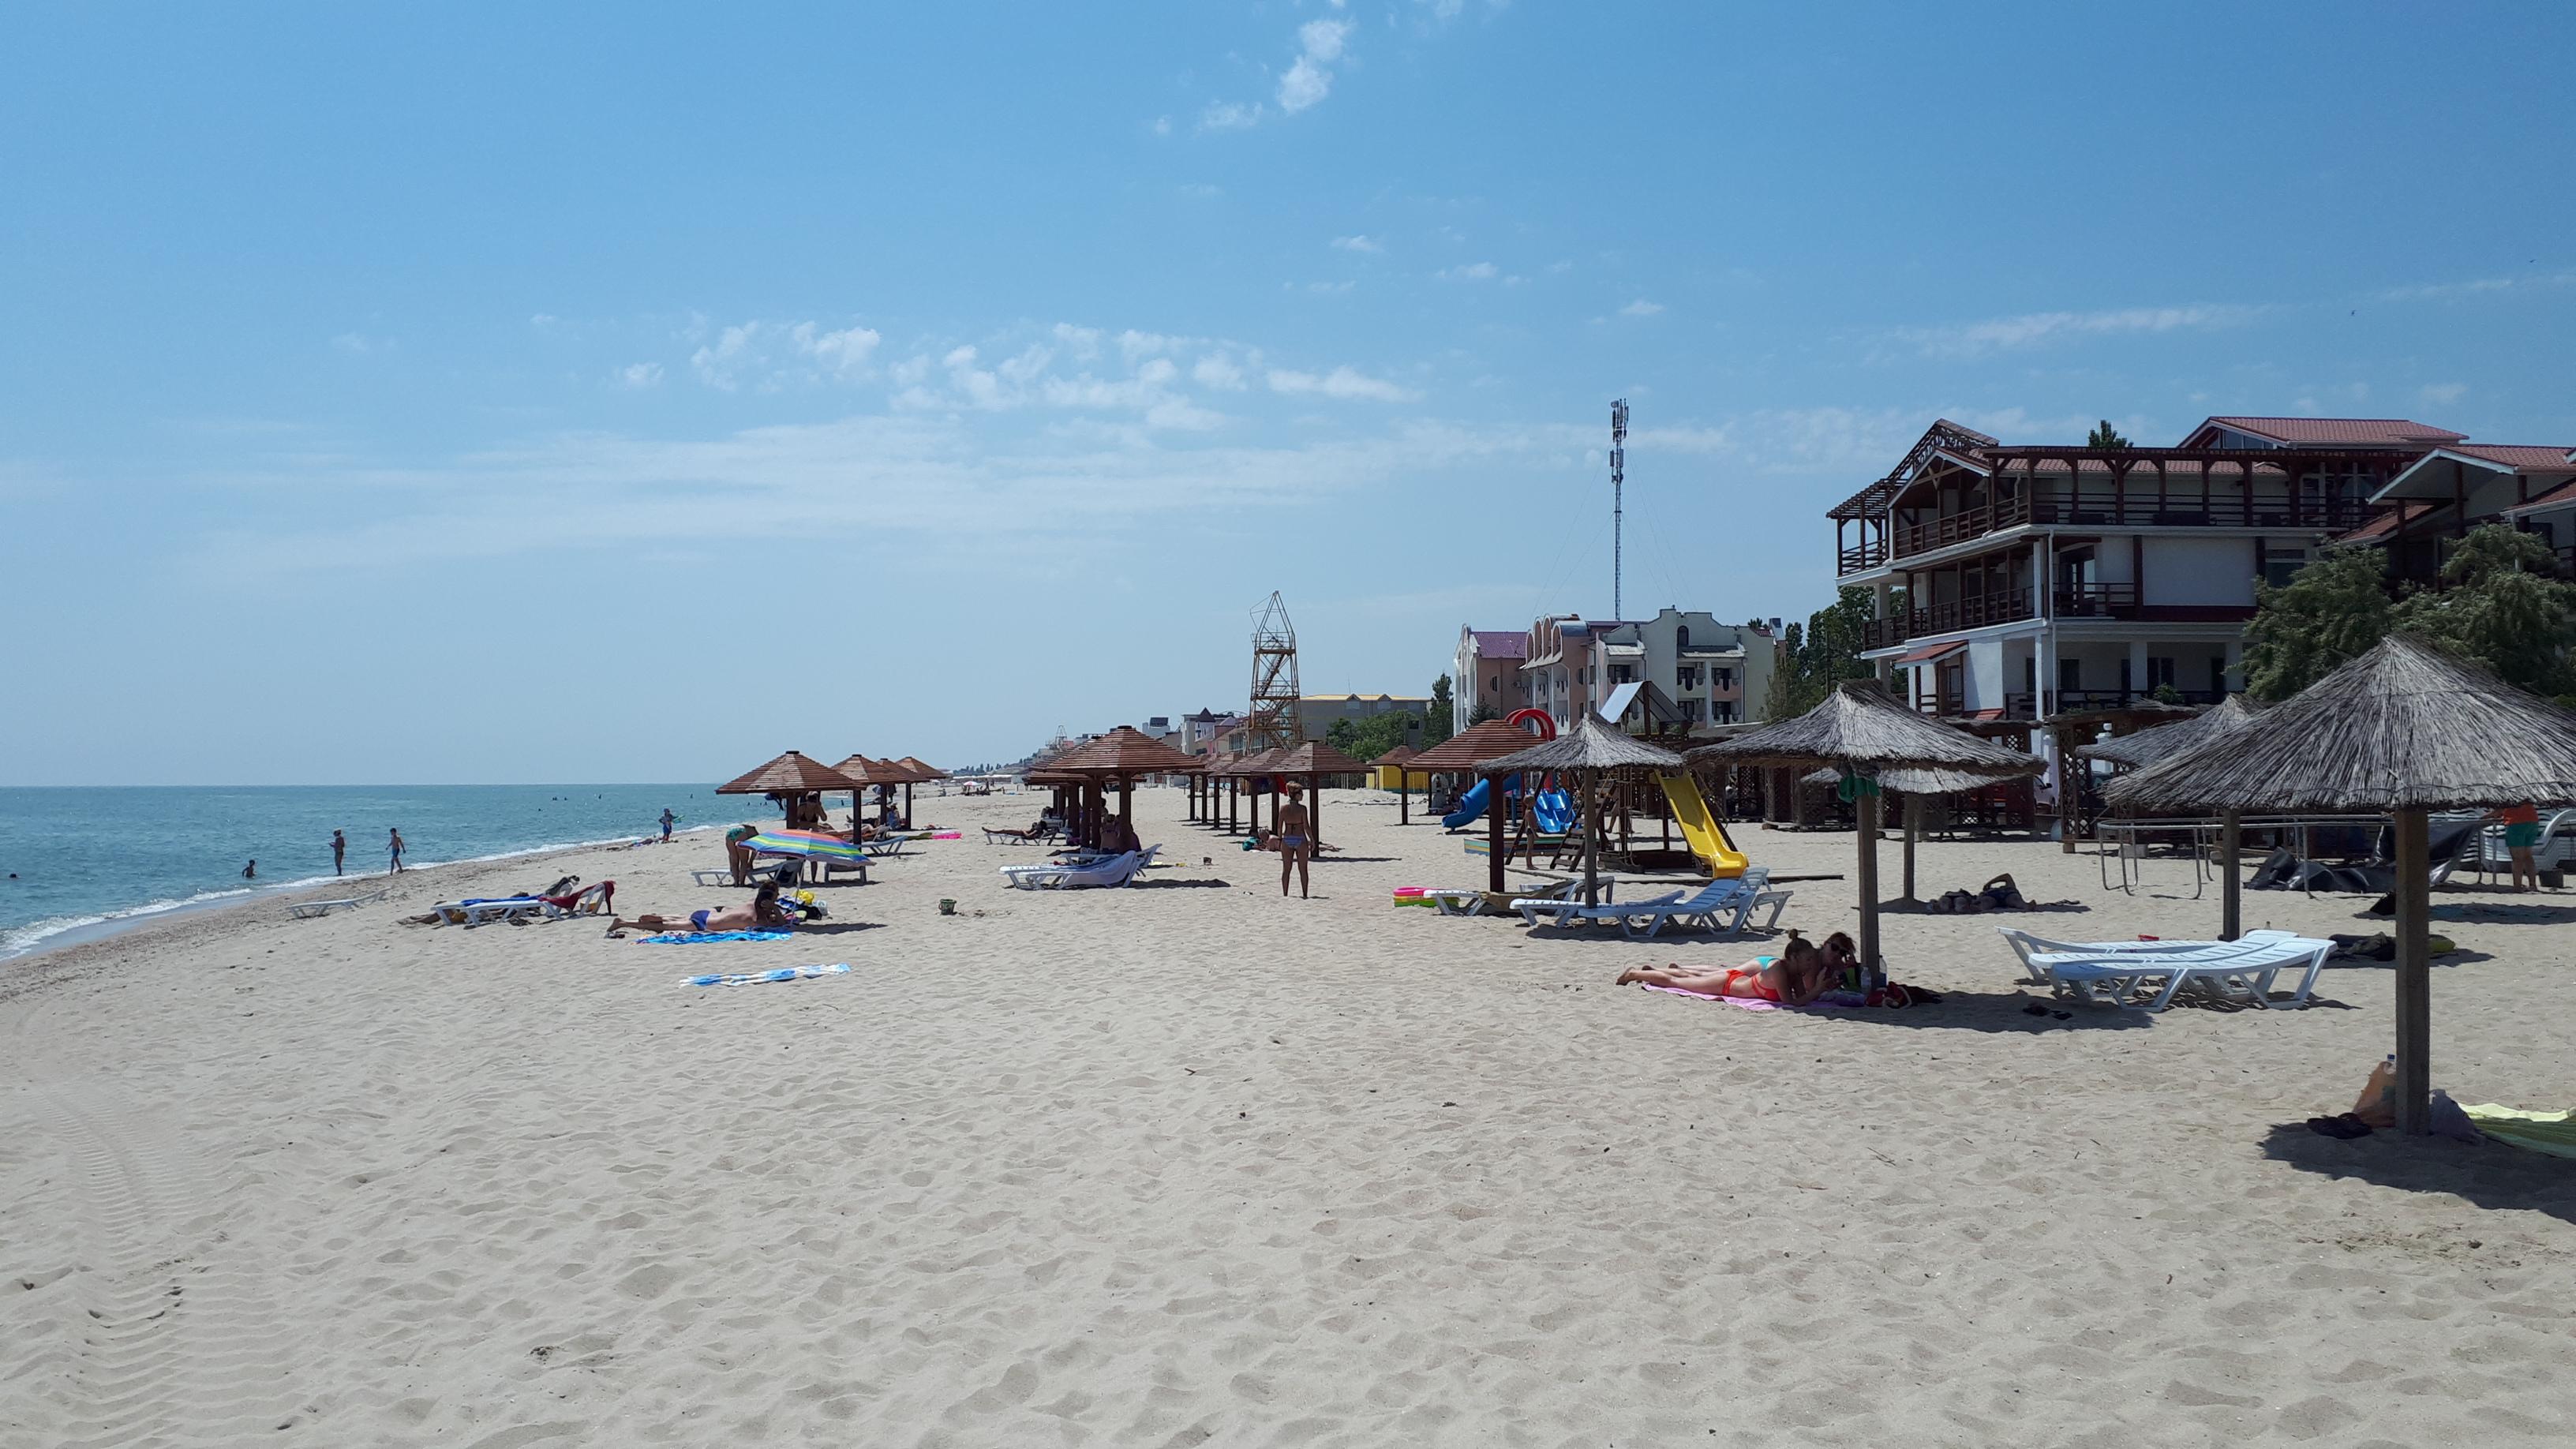 Затока центральний пляж вигляд вздовж море фото